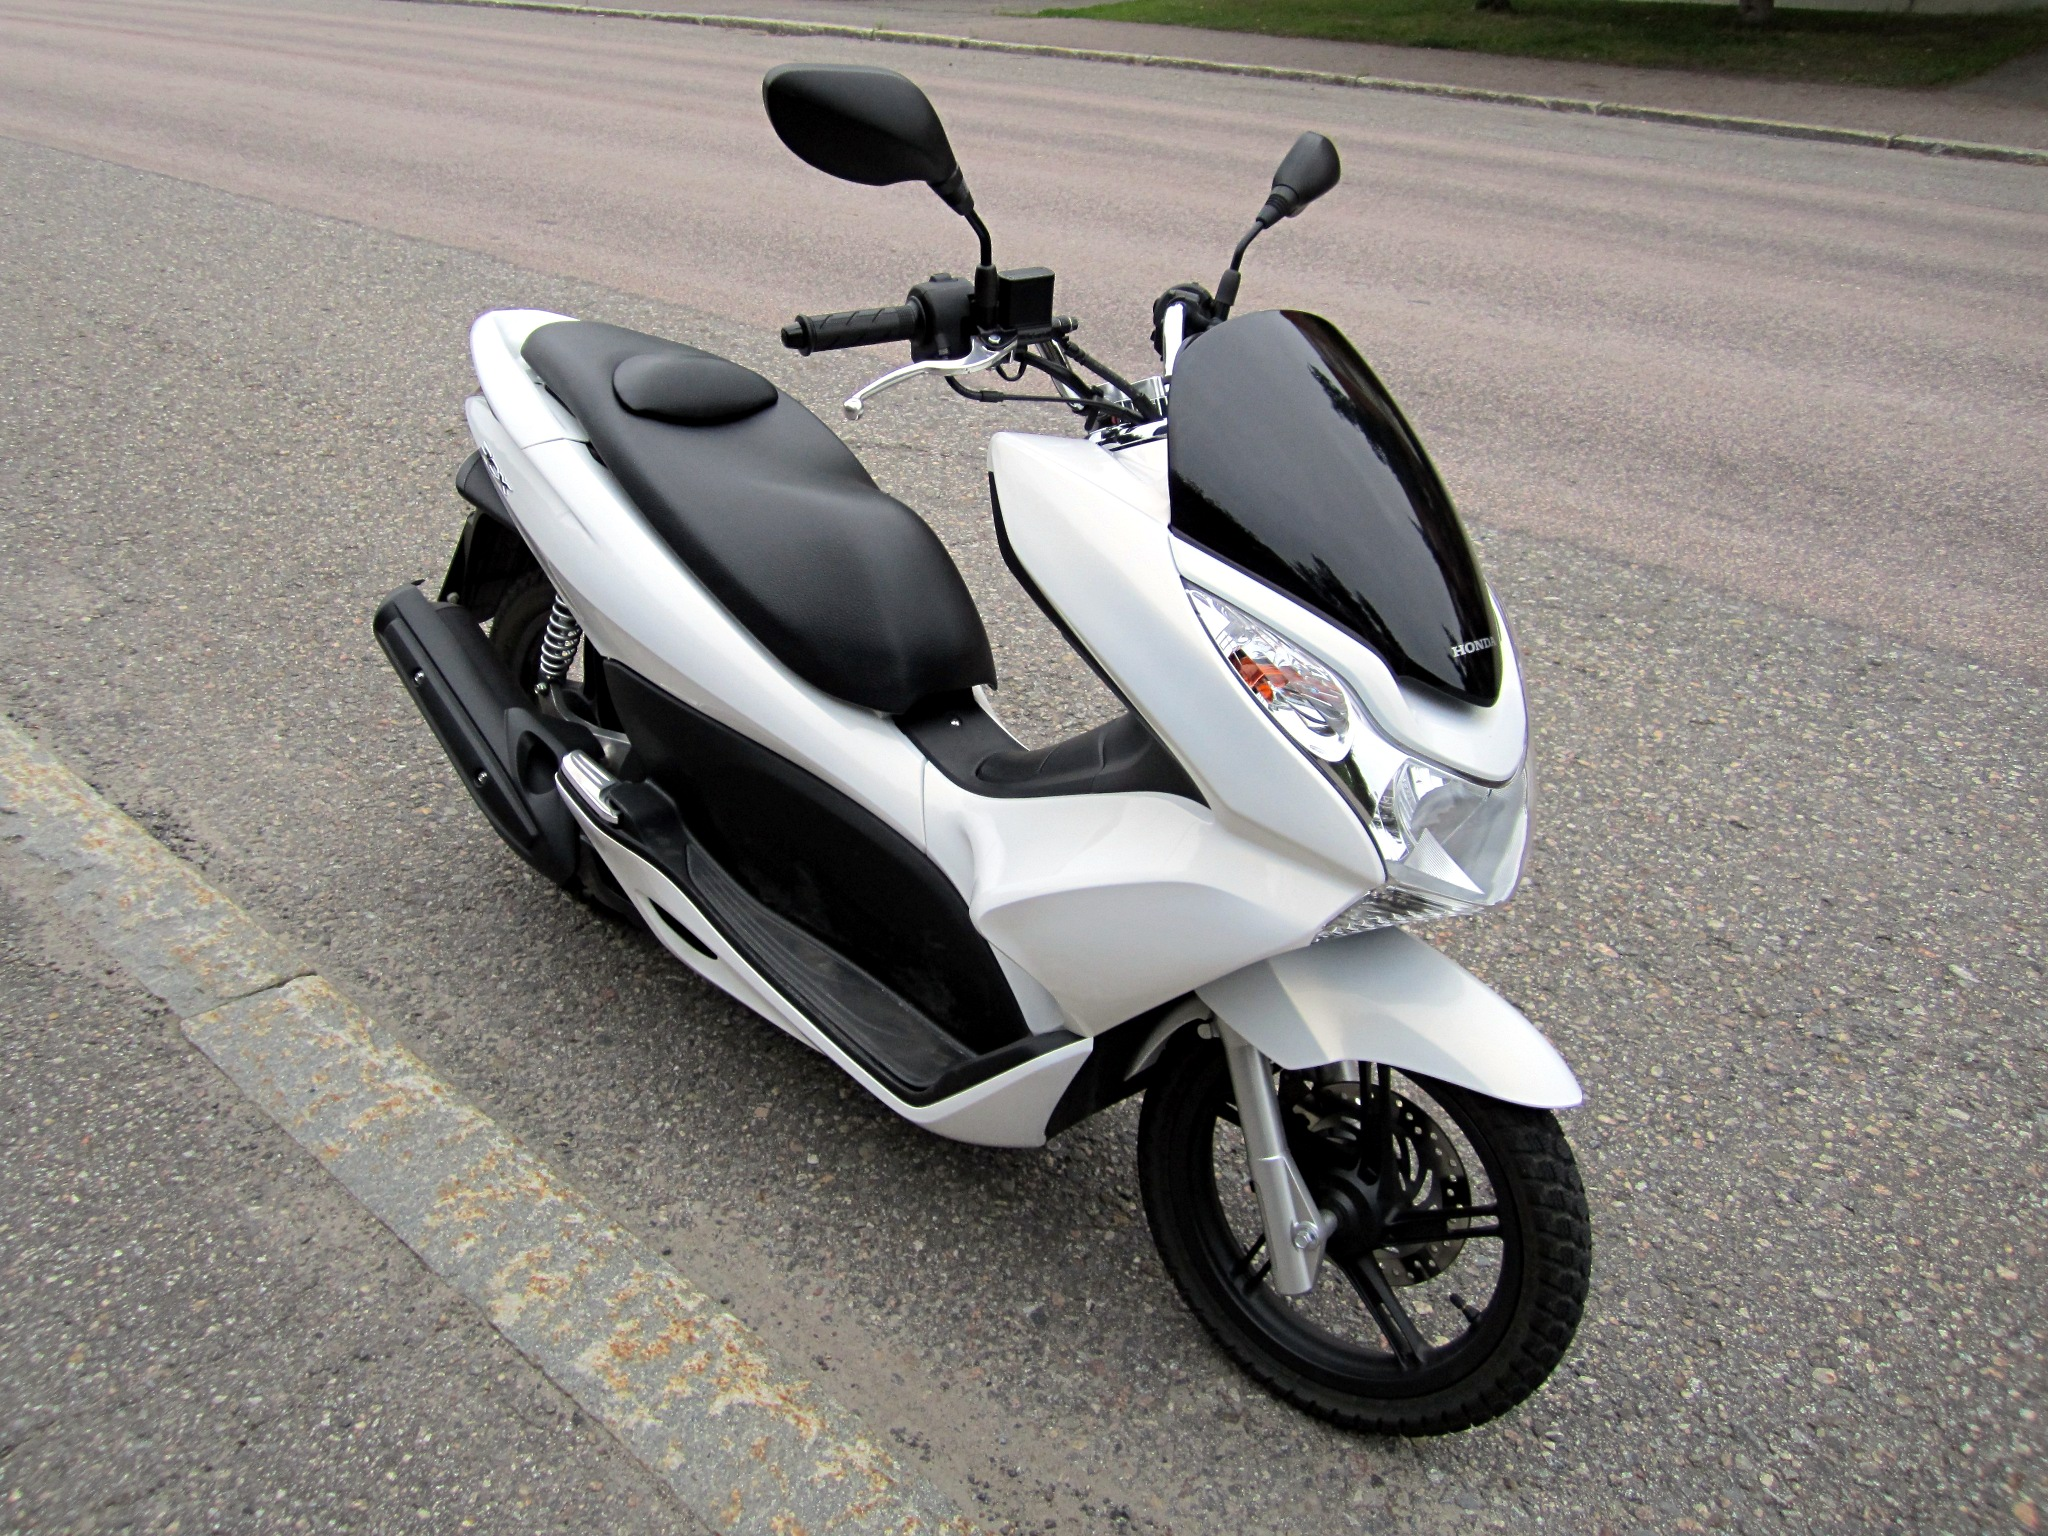 Honda Pcx なんでみんな小型バイク乗ってるの バイクを乗るならやっぱり2種スクーターが断然お得らしい★原付2種 Naver まとめ